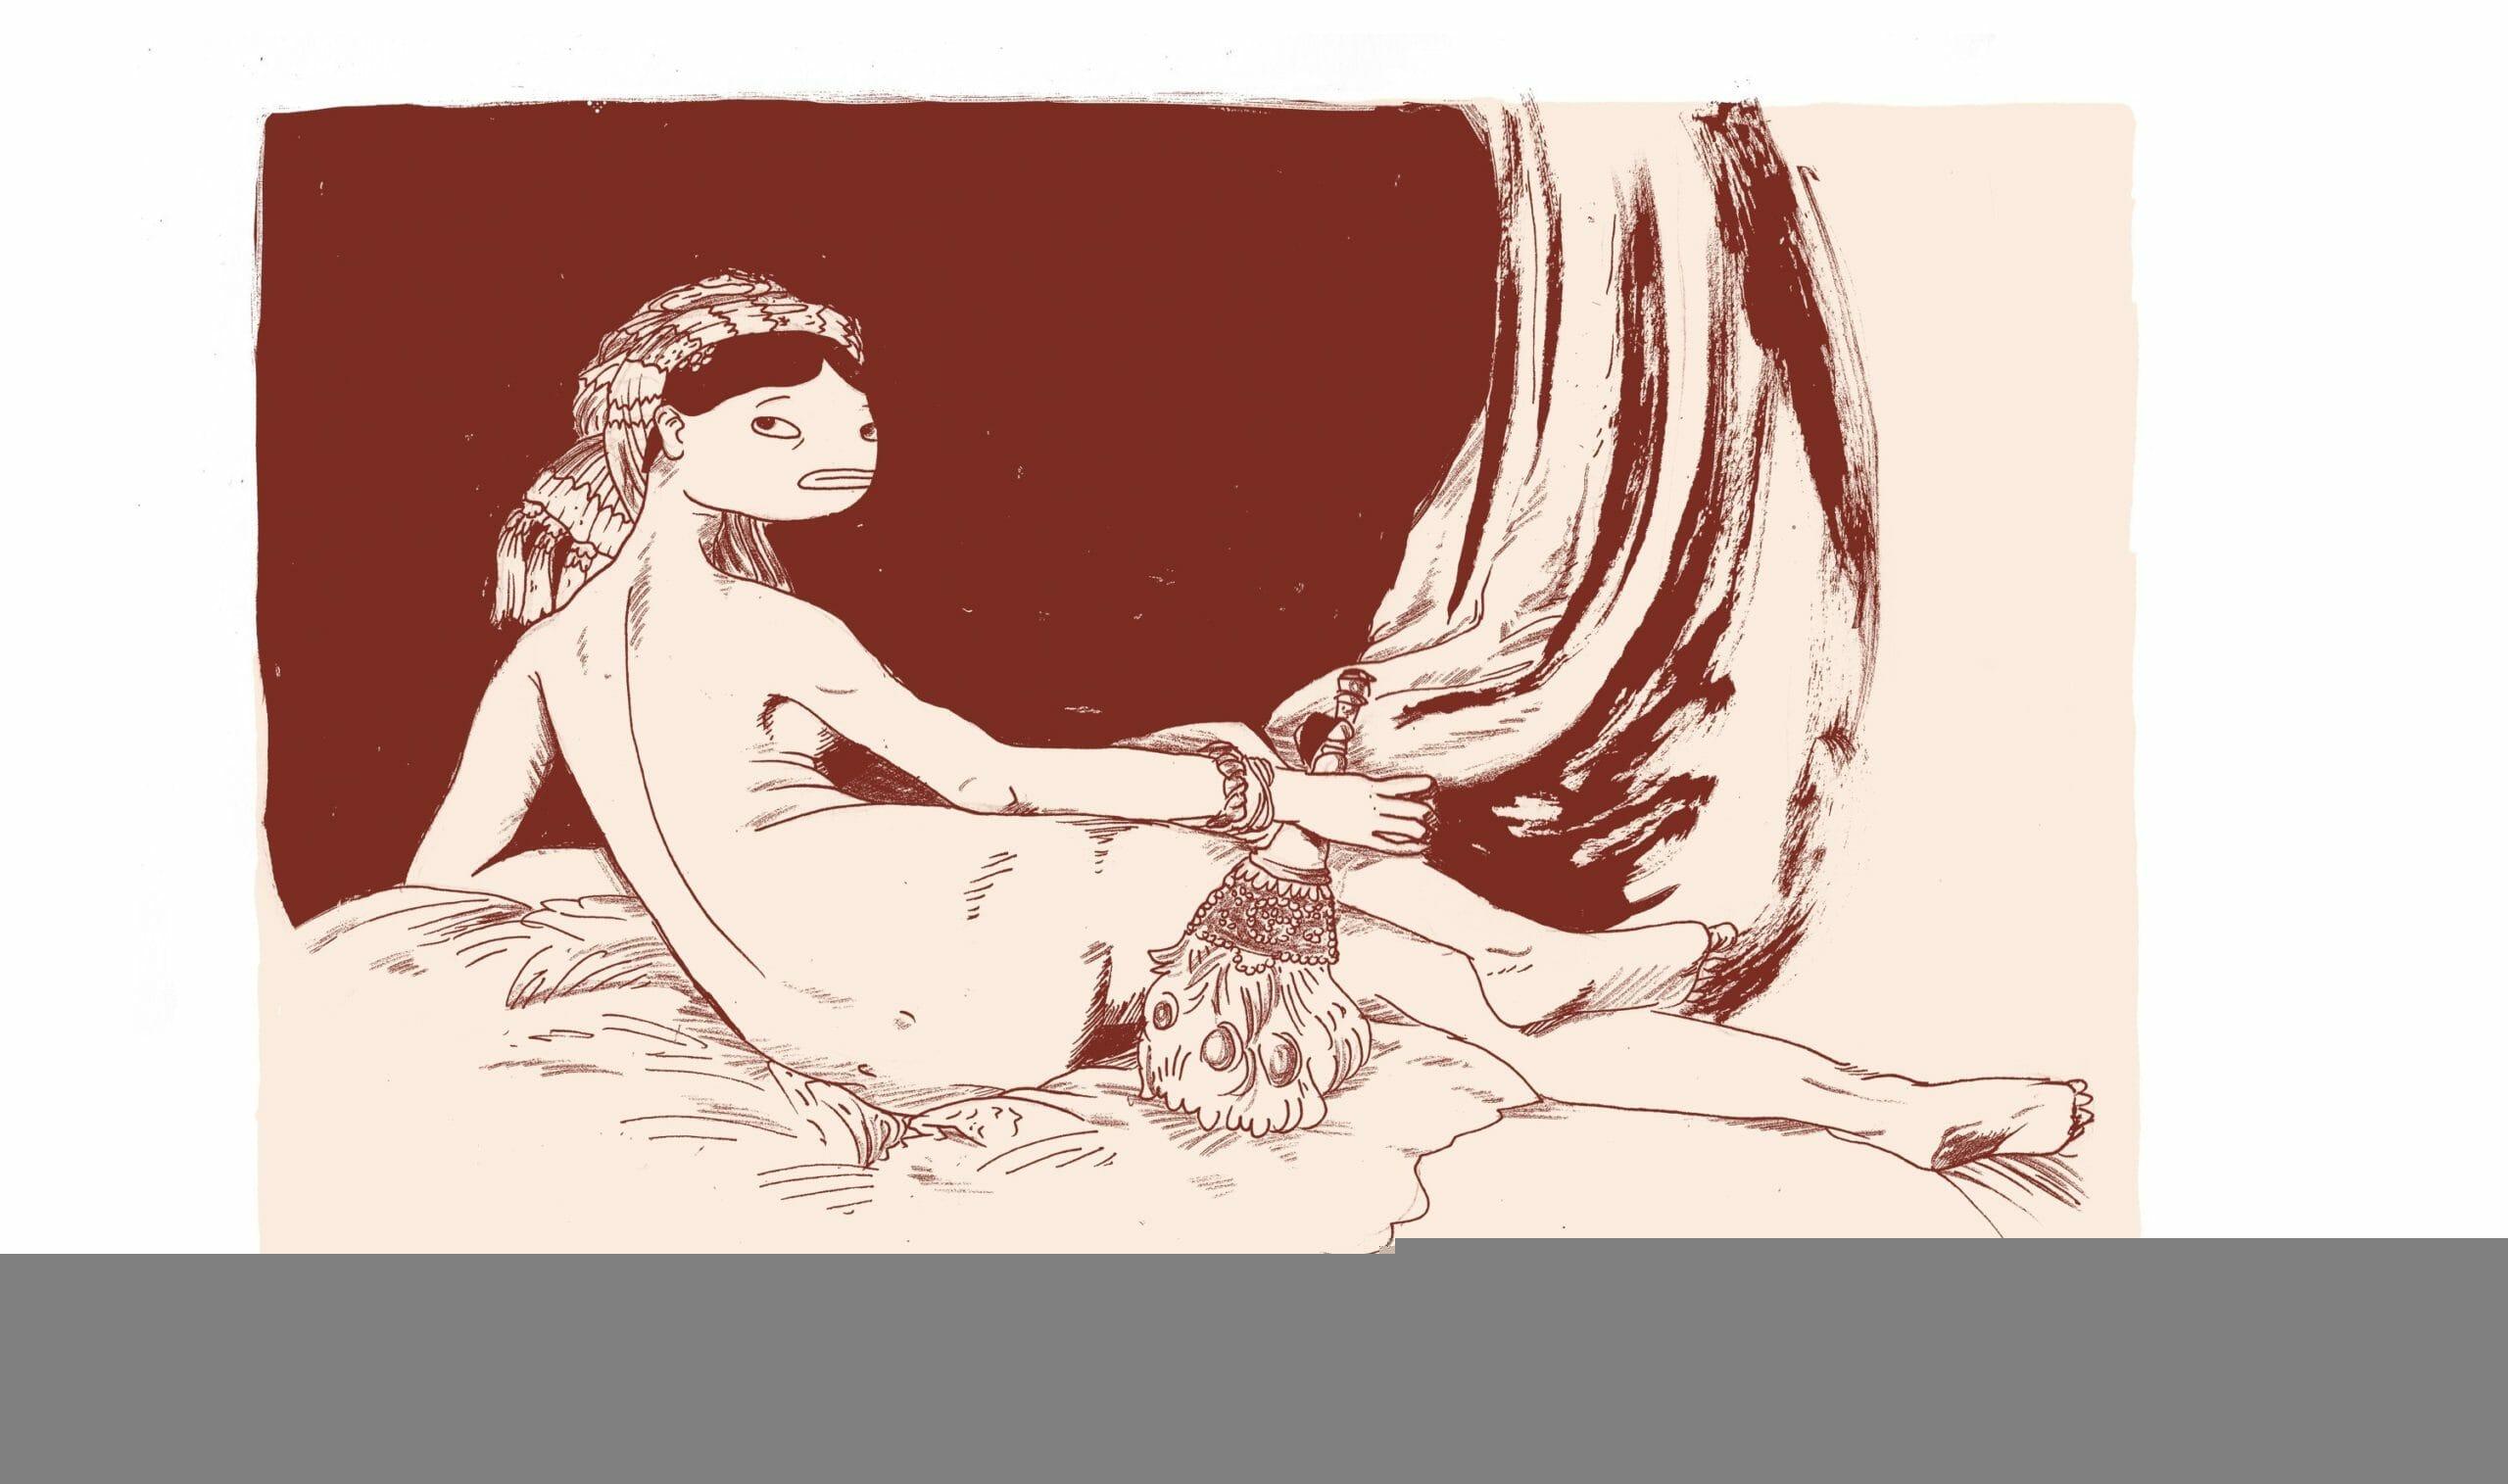 Rencontre avec Célia Marquis : monstres gentils et lazyness assumée 1